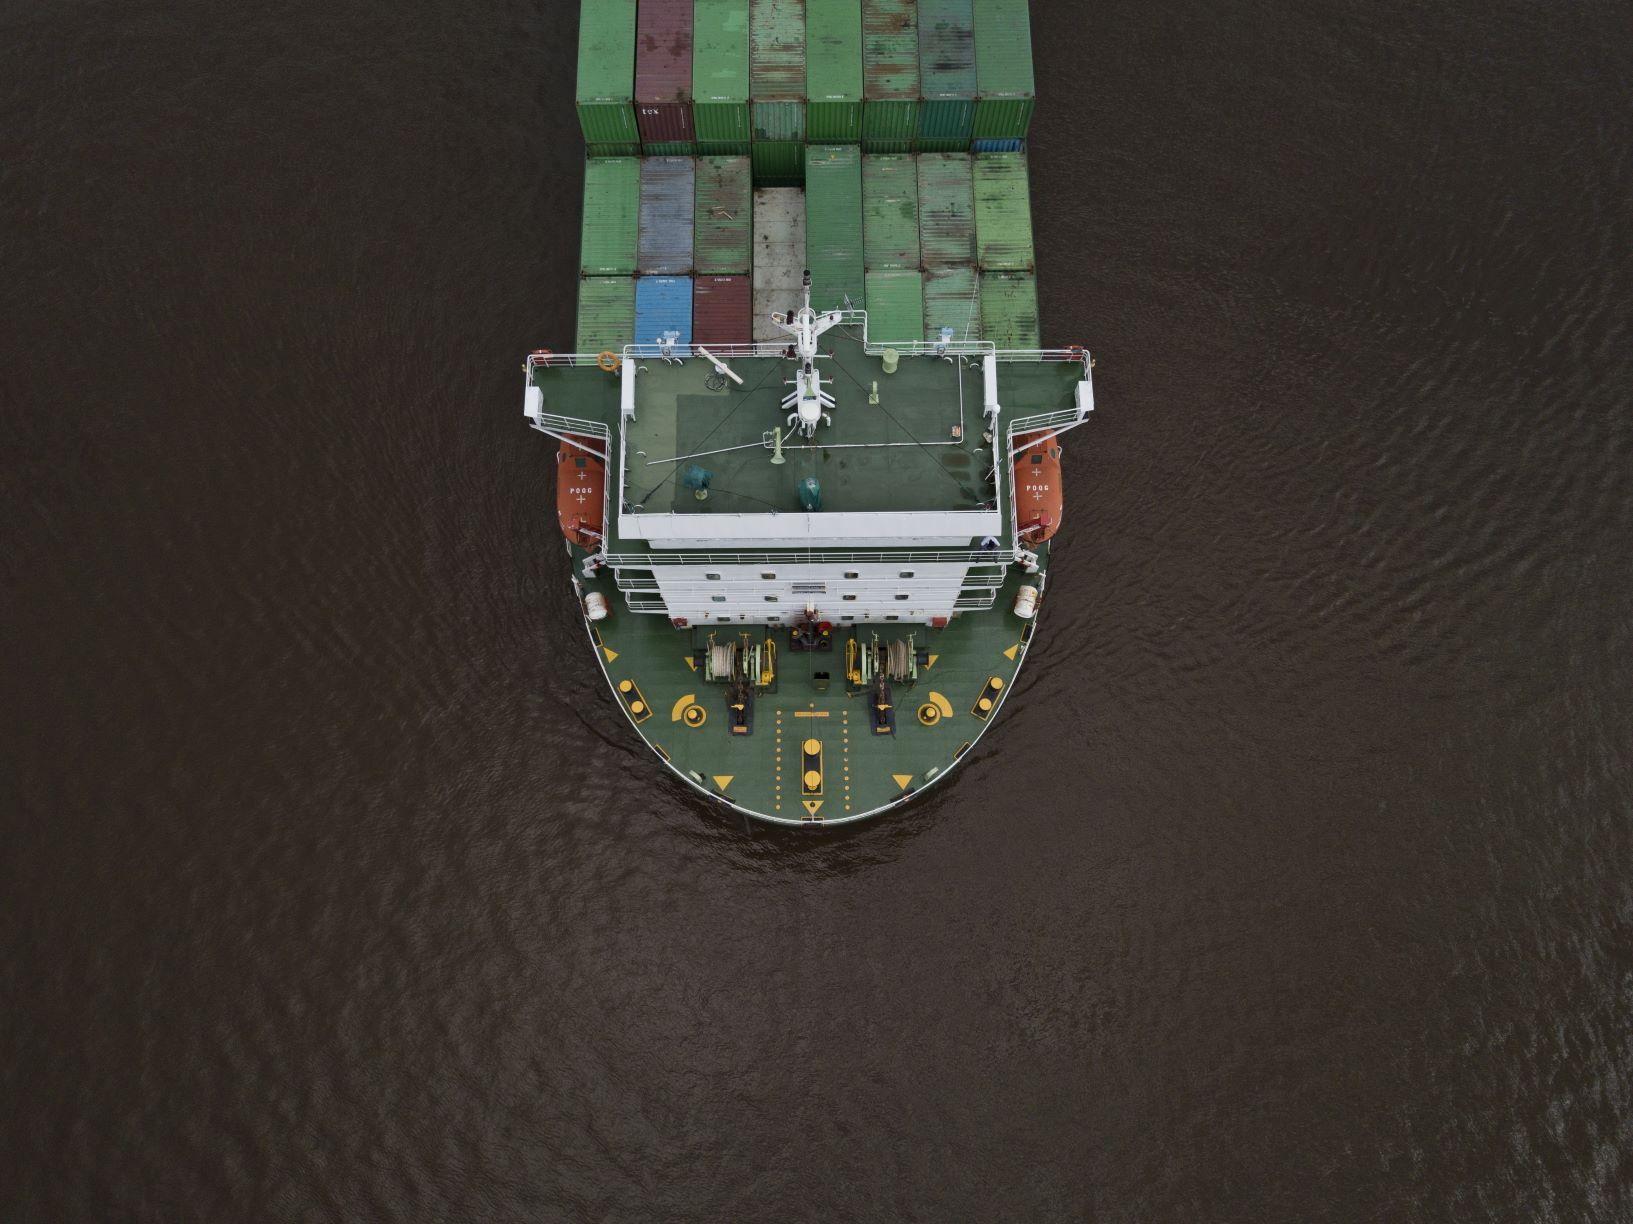 Riesgos a mitigar en el transporte de carga marítima